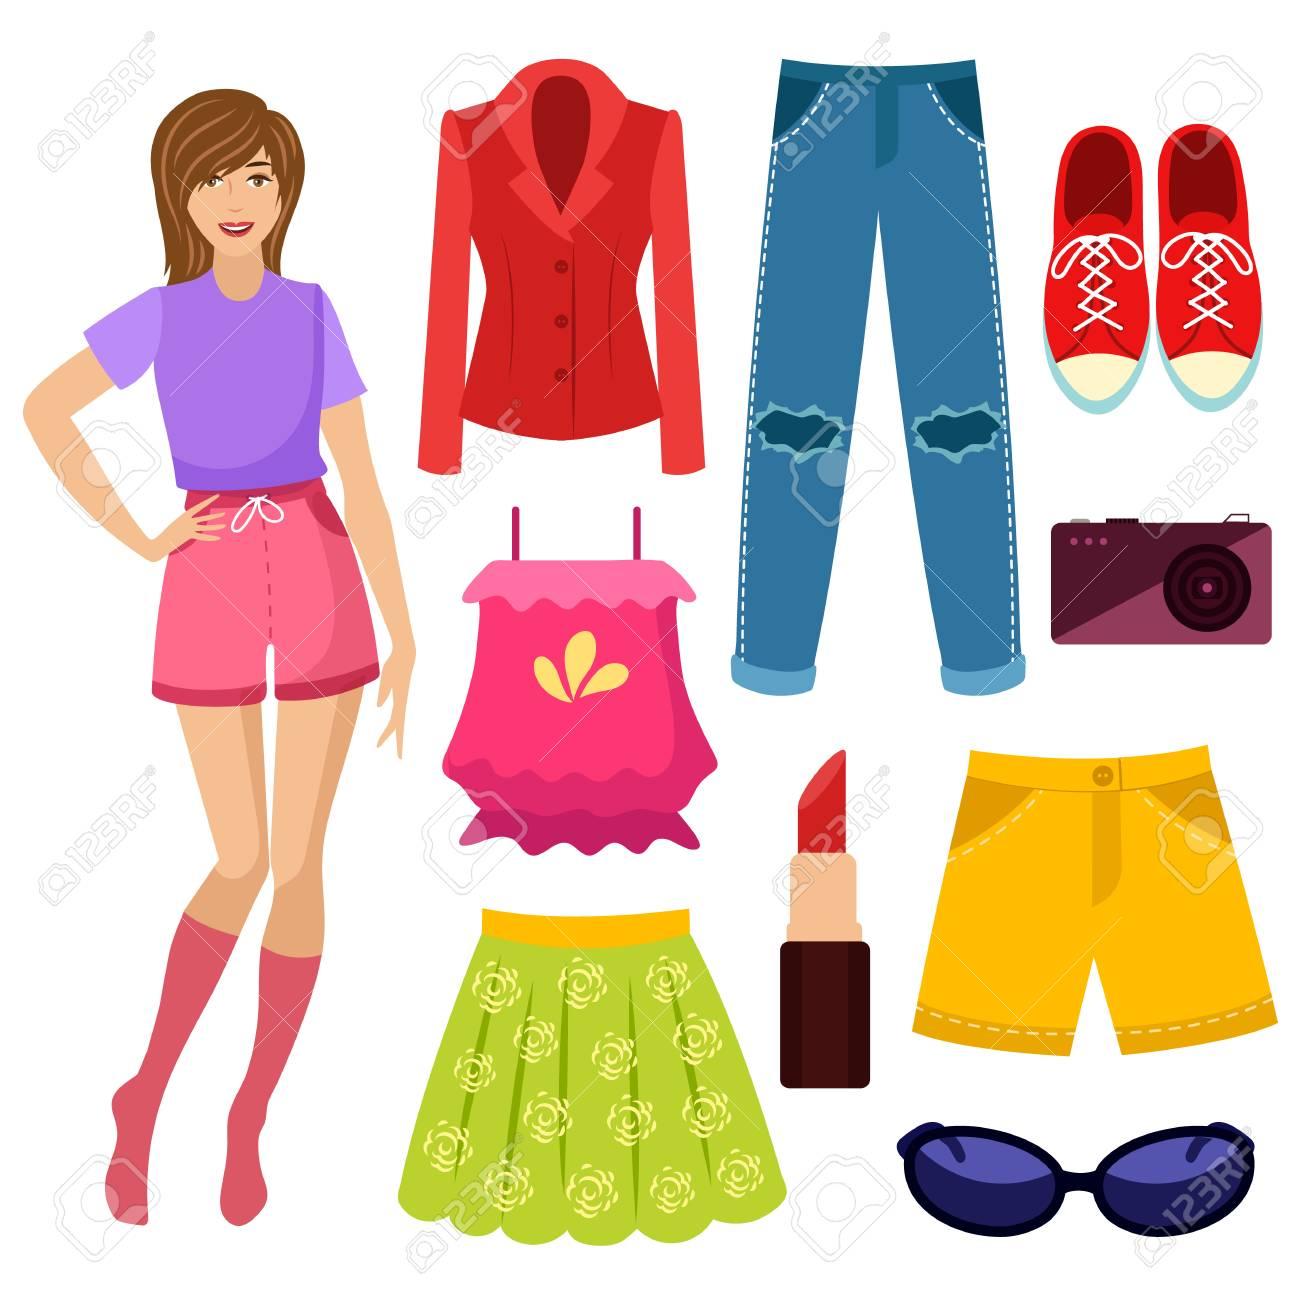 nueva colección 54ccd 121bf Mujer joven, niña y su armario de verano, ropa y accesorios, ilustración  vectorial de dibujos animados aislado sobre fondo blanco. Retrato de  dibujos ...